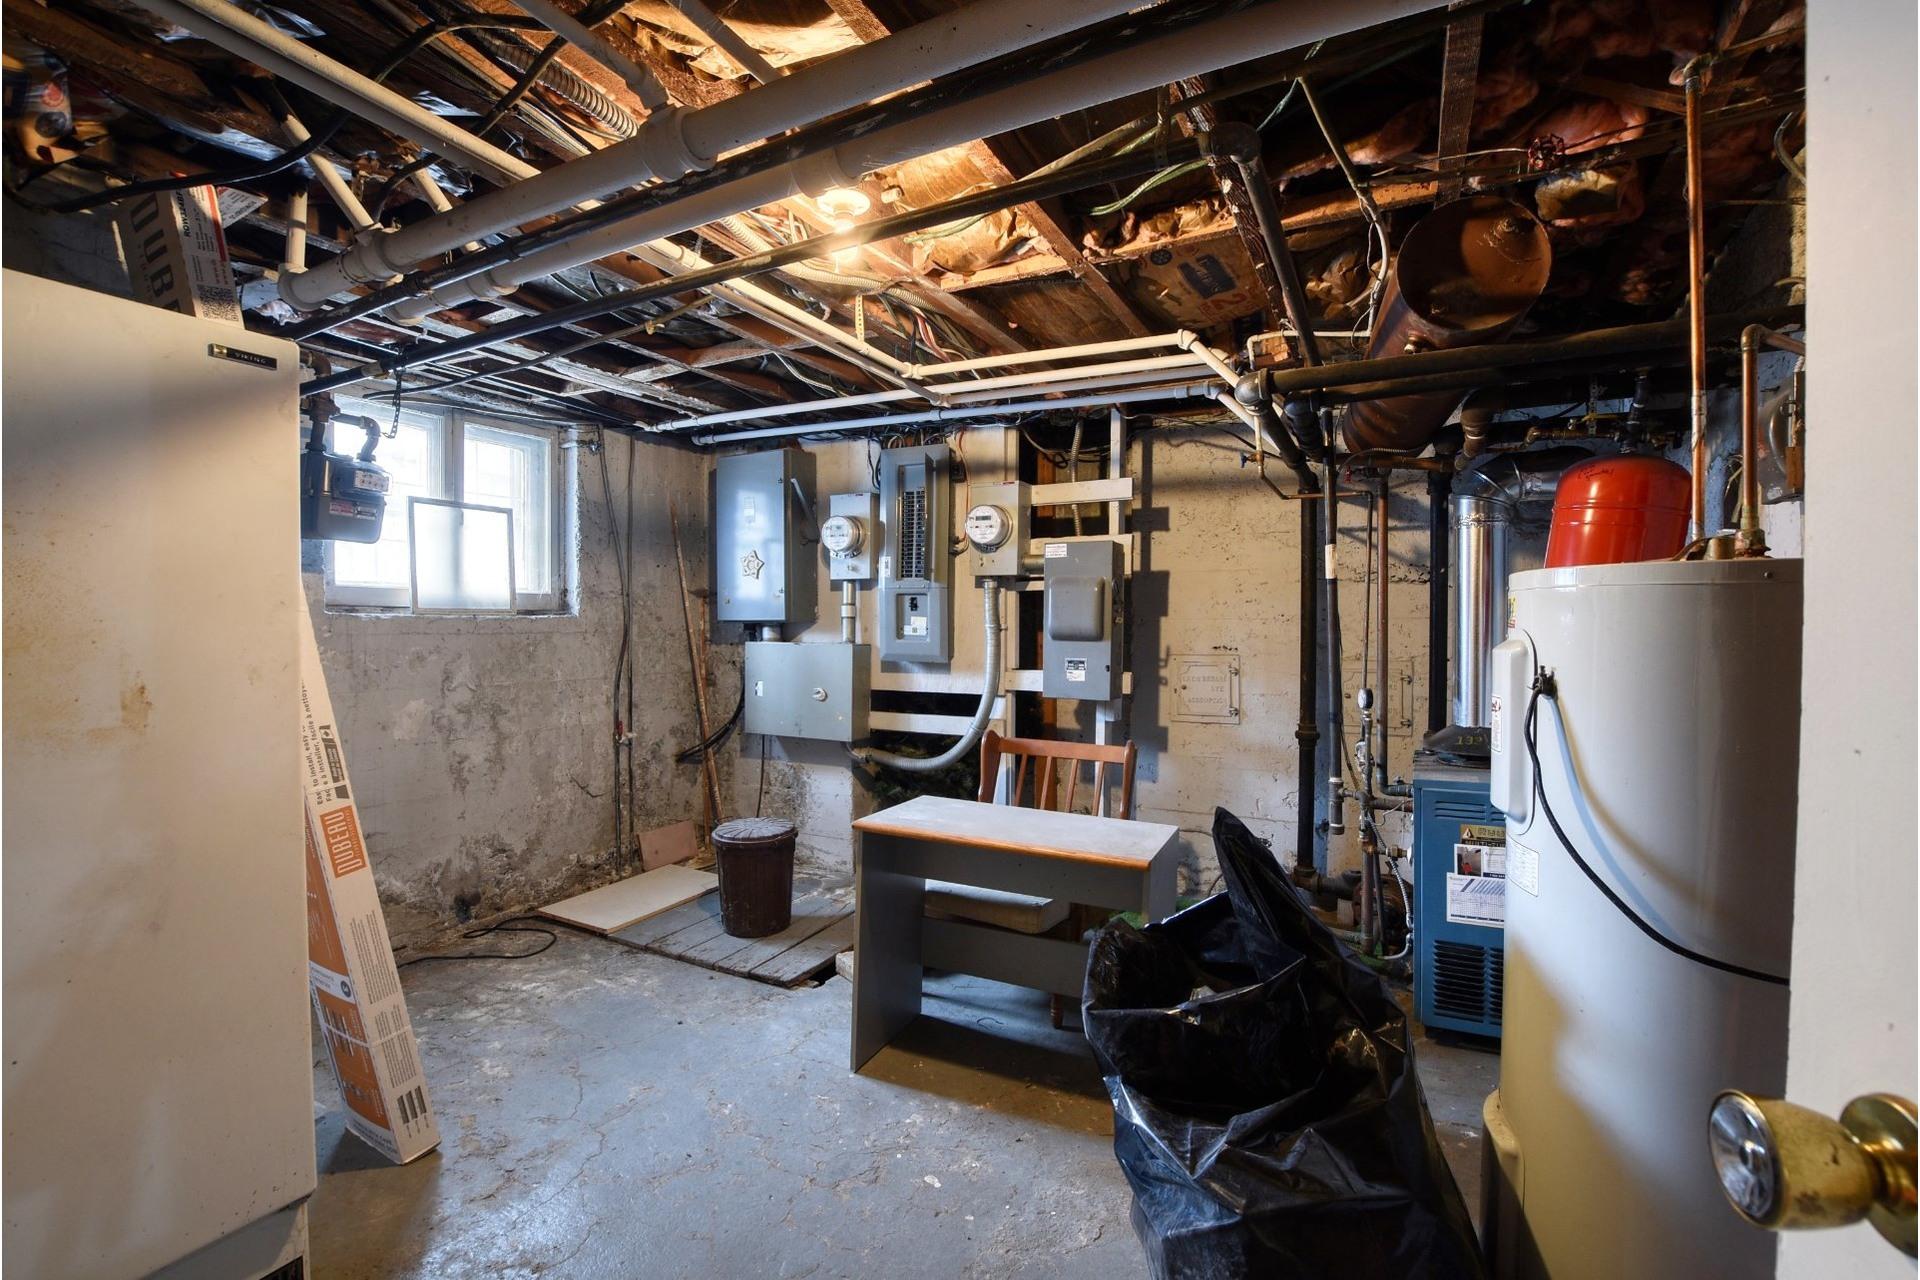 image 21 - Duplex For sale Côte-des-Neiges/Notre-Dame-de-Grâce Montréal  - 8 rooms